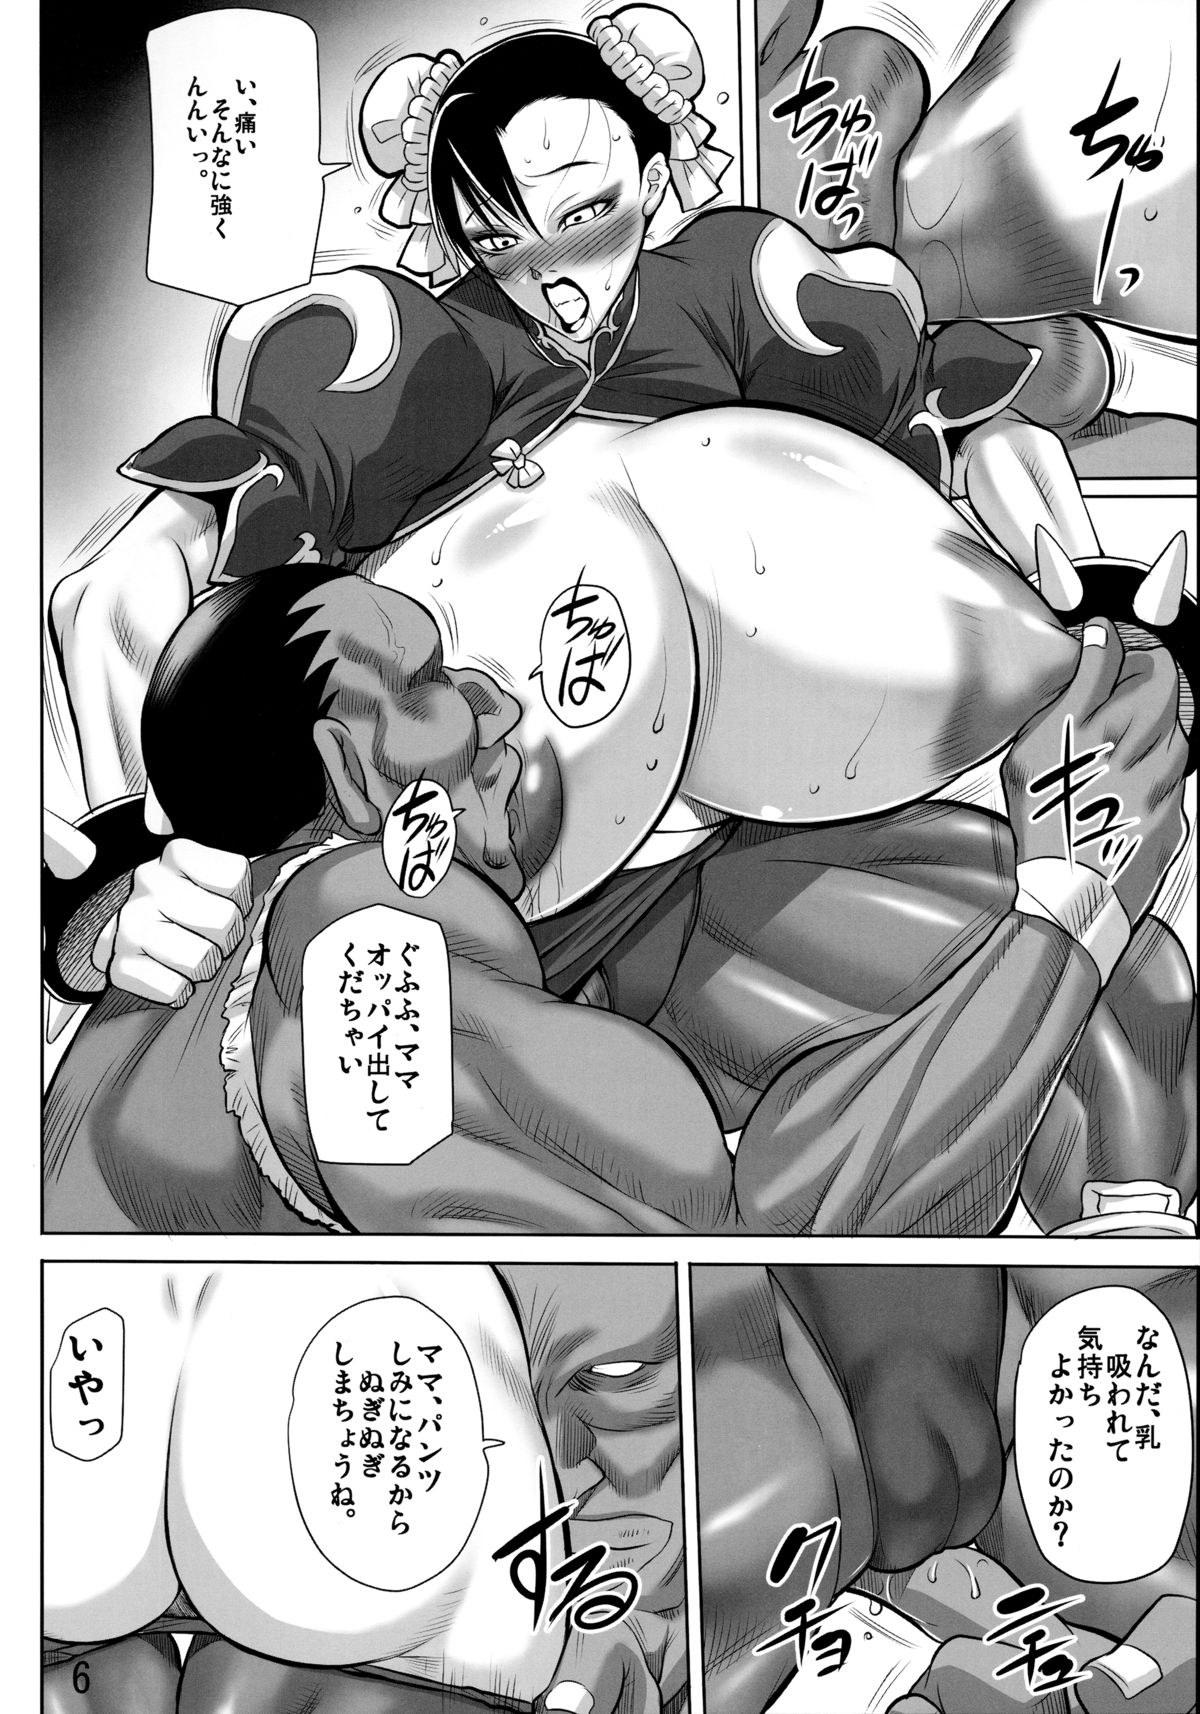 【エロ漫画】爆乳過ぎる超乳春麗が記憶なくしてパイソンに陵辱されてクンニにパイズリフェラ…デカ尻をバックでガン突きされて中出し種付けされちゃうwwwwwww